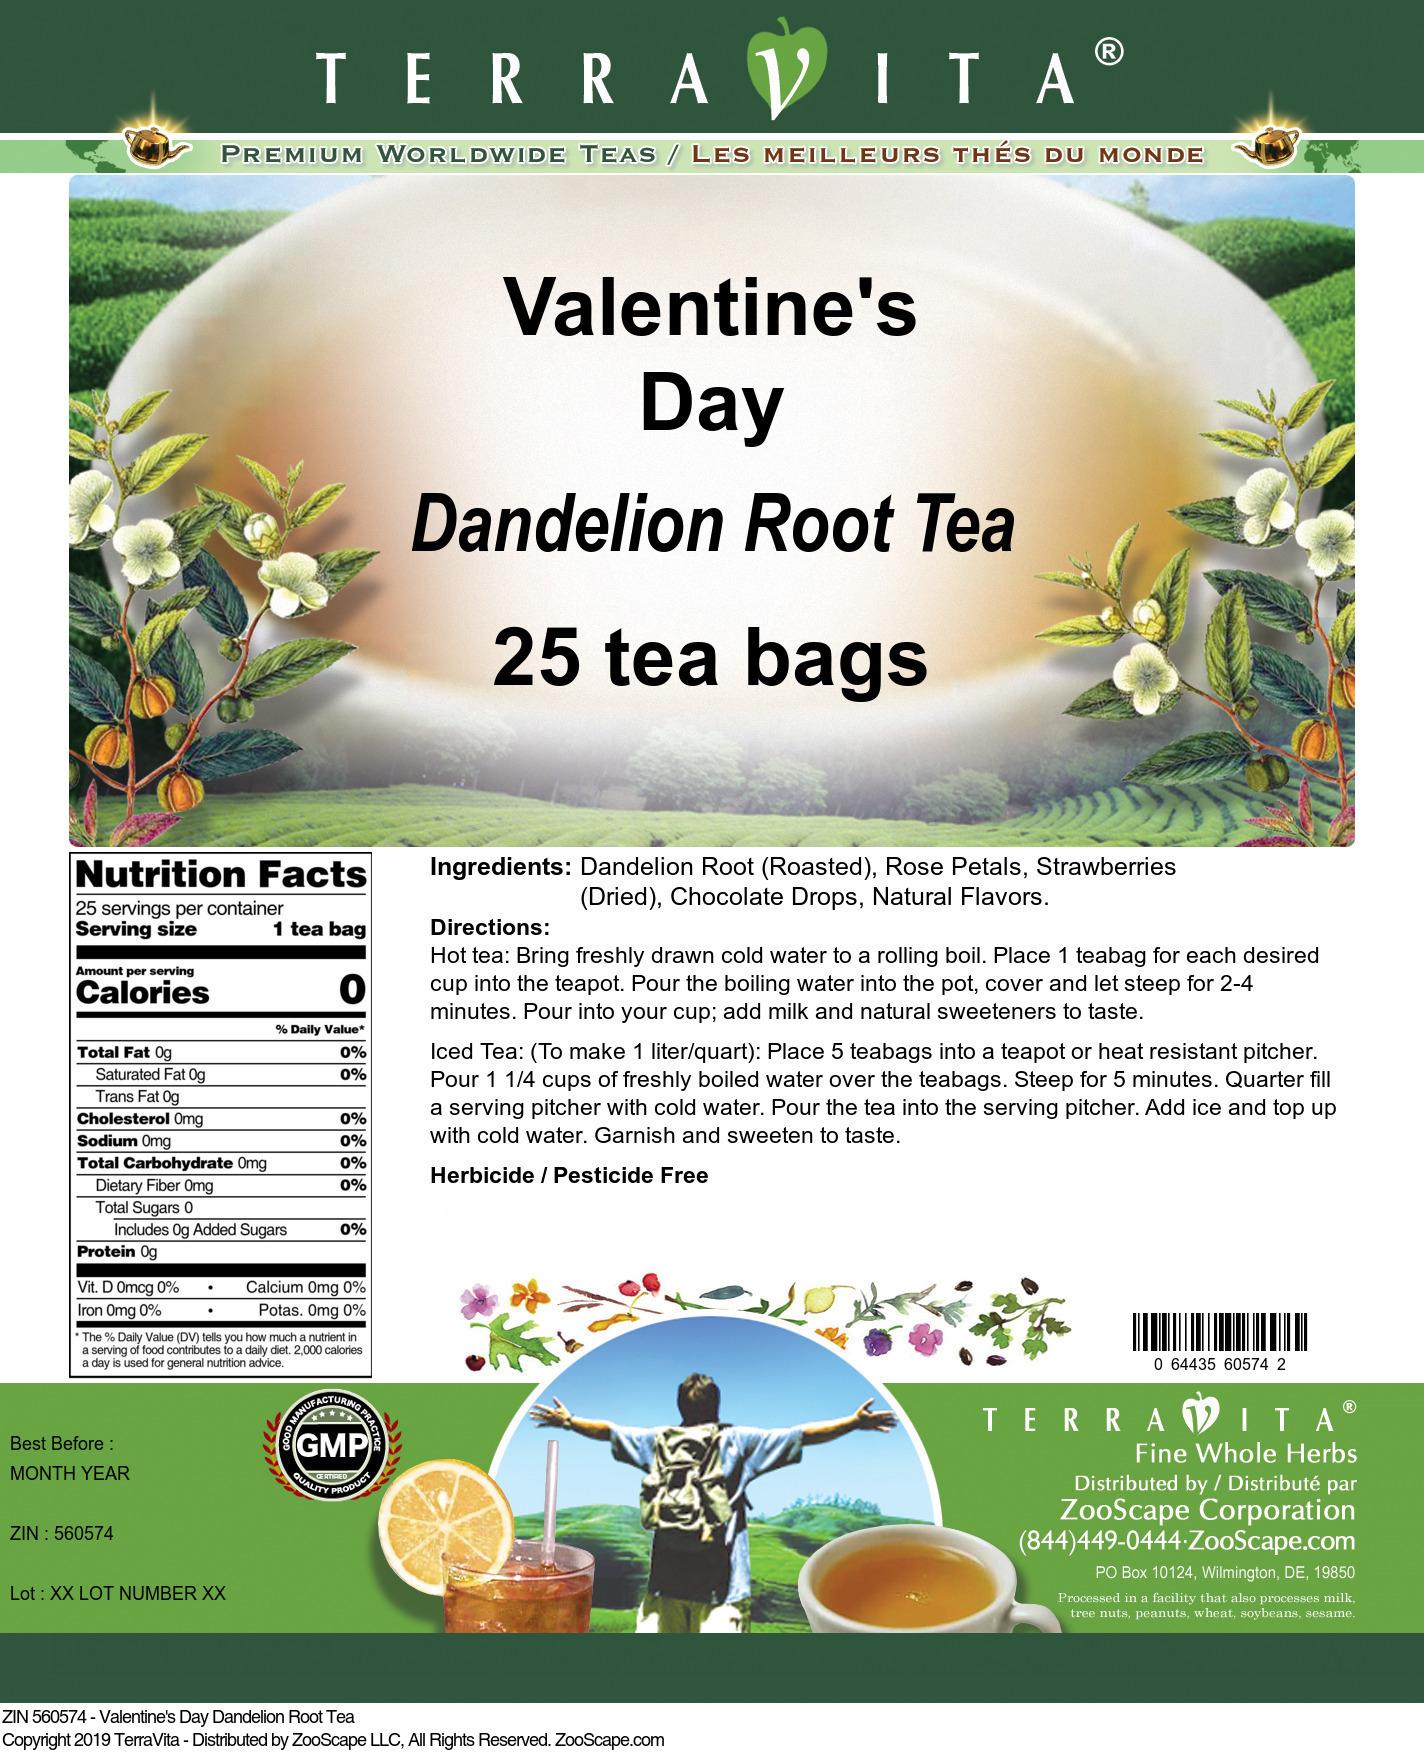 Valentine's Day Dandelion Root